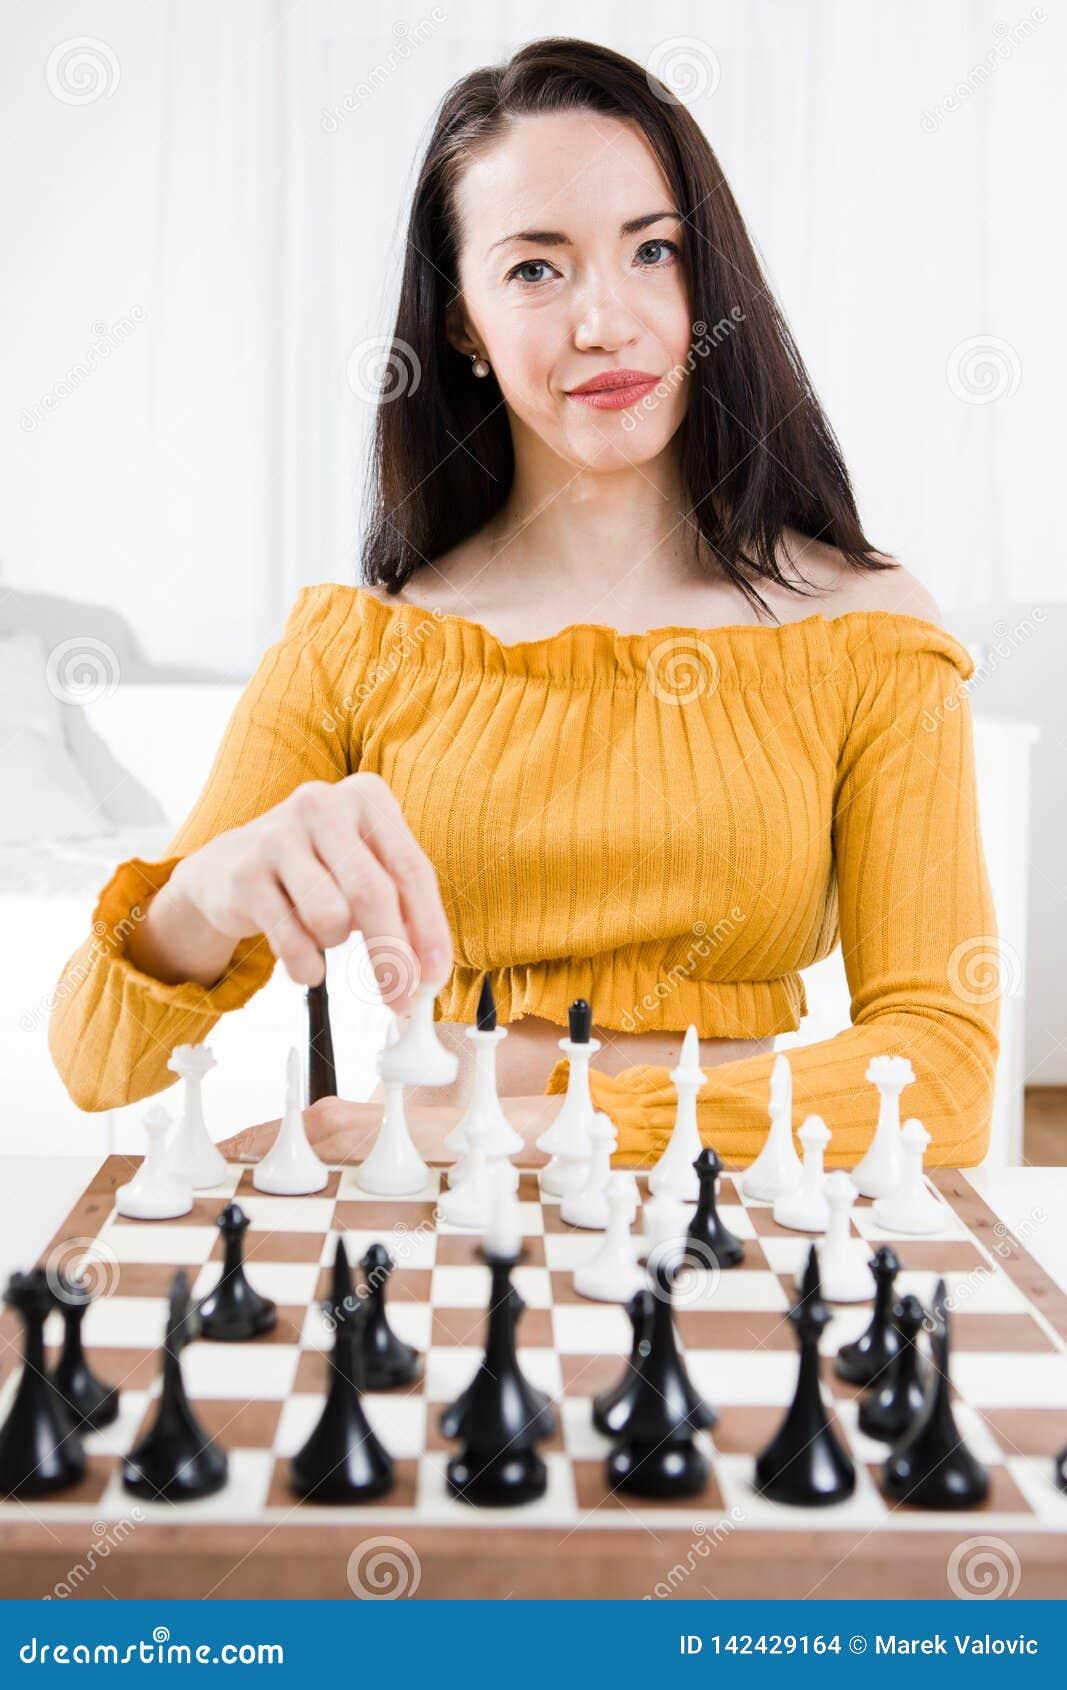 Mulher no vestido amarelo que senta-se na frente da xadrez - seu movimento